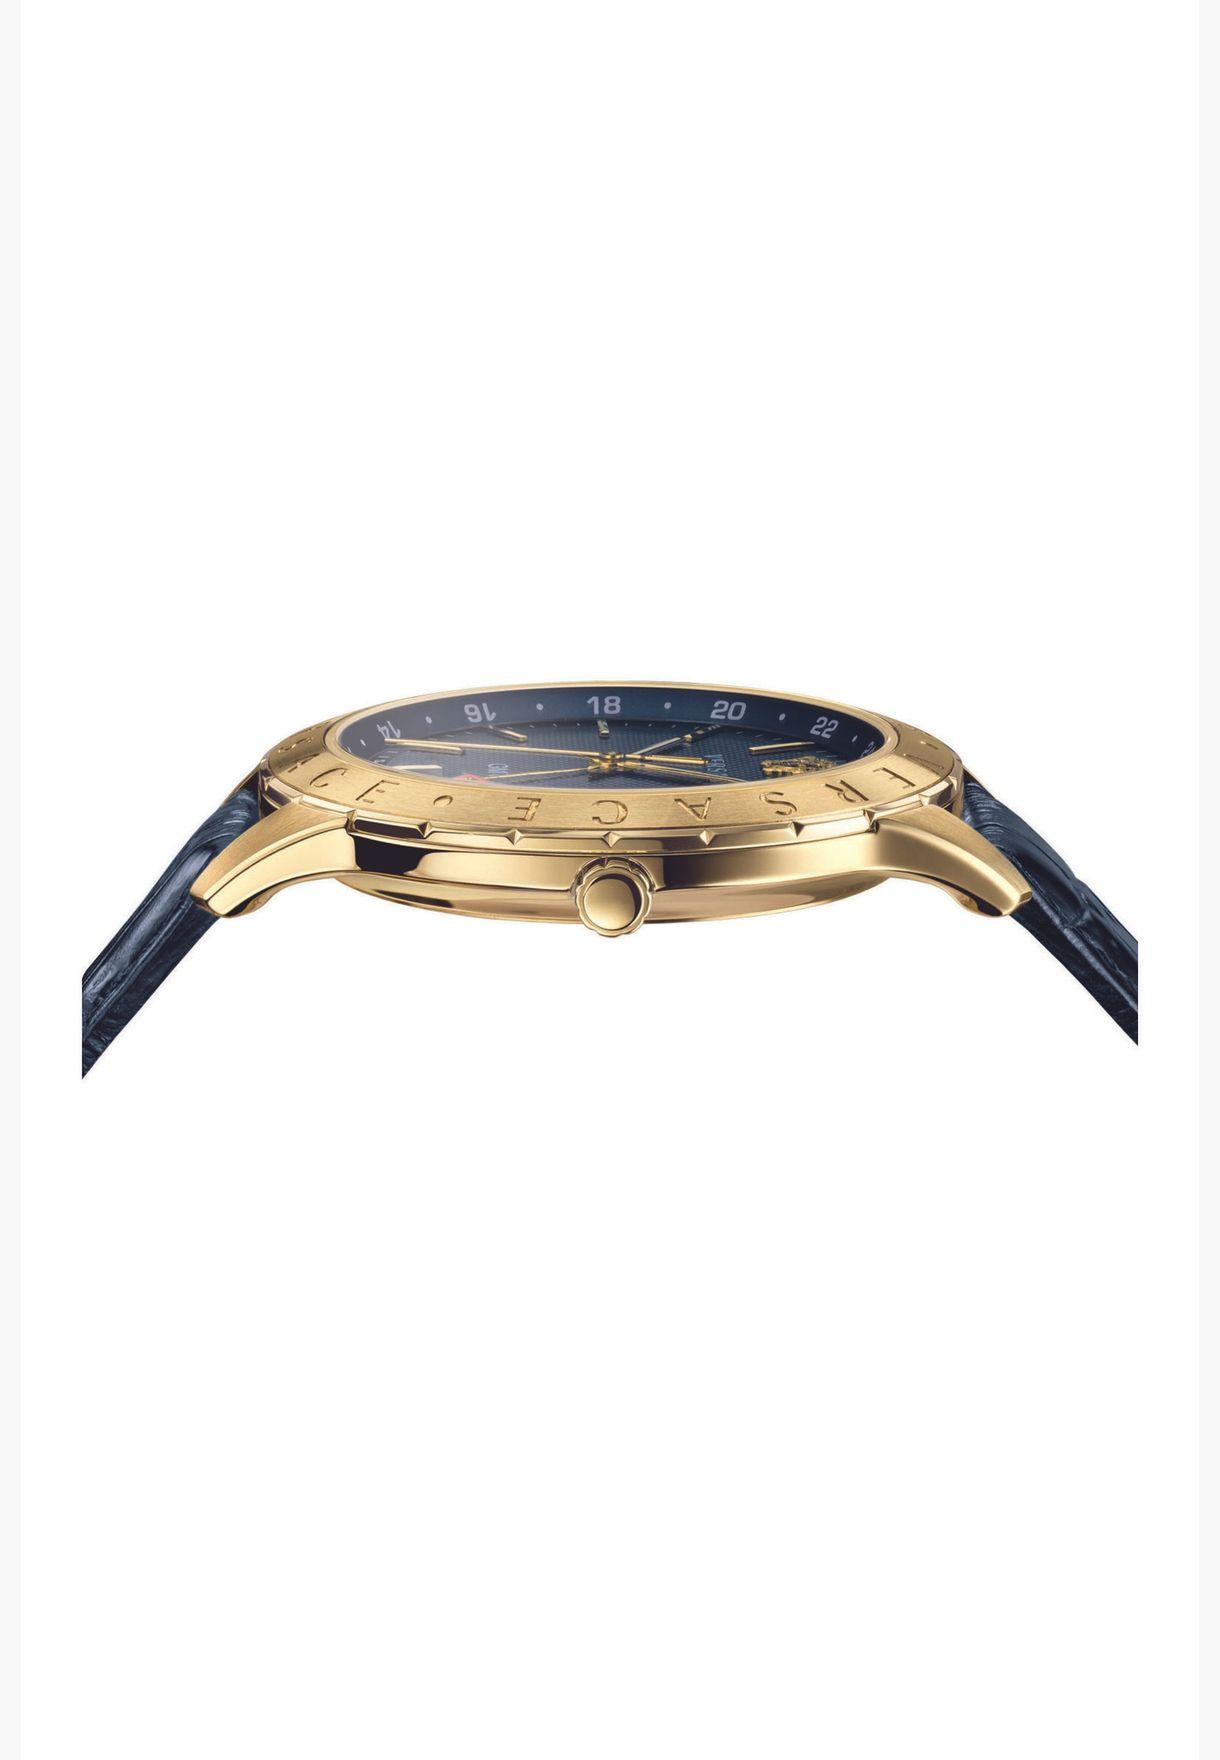 ساعة فيرساتشي يونيفرس للرجال بسوار جلدي - VEBK00318